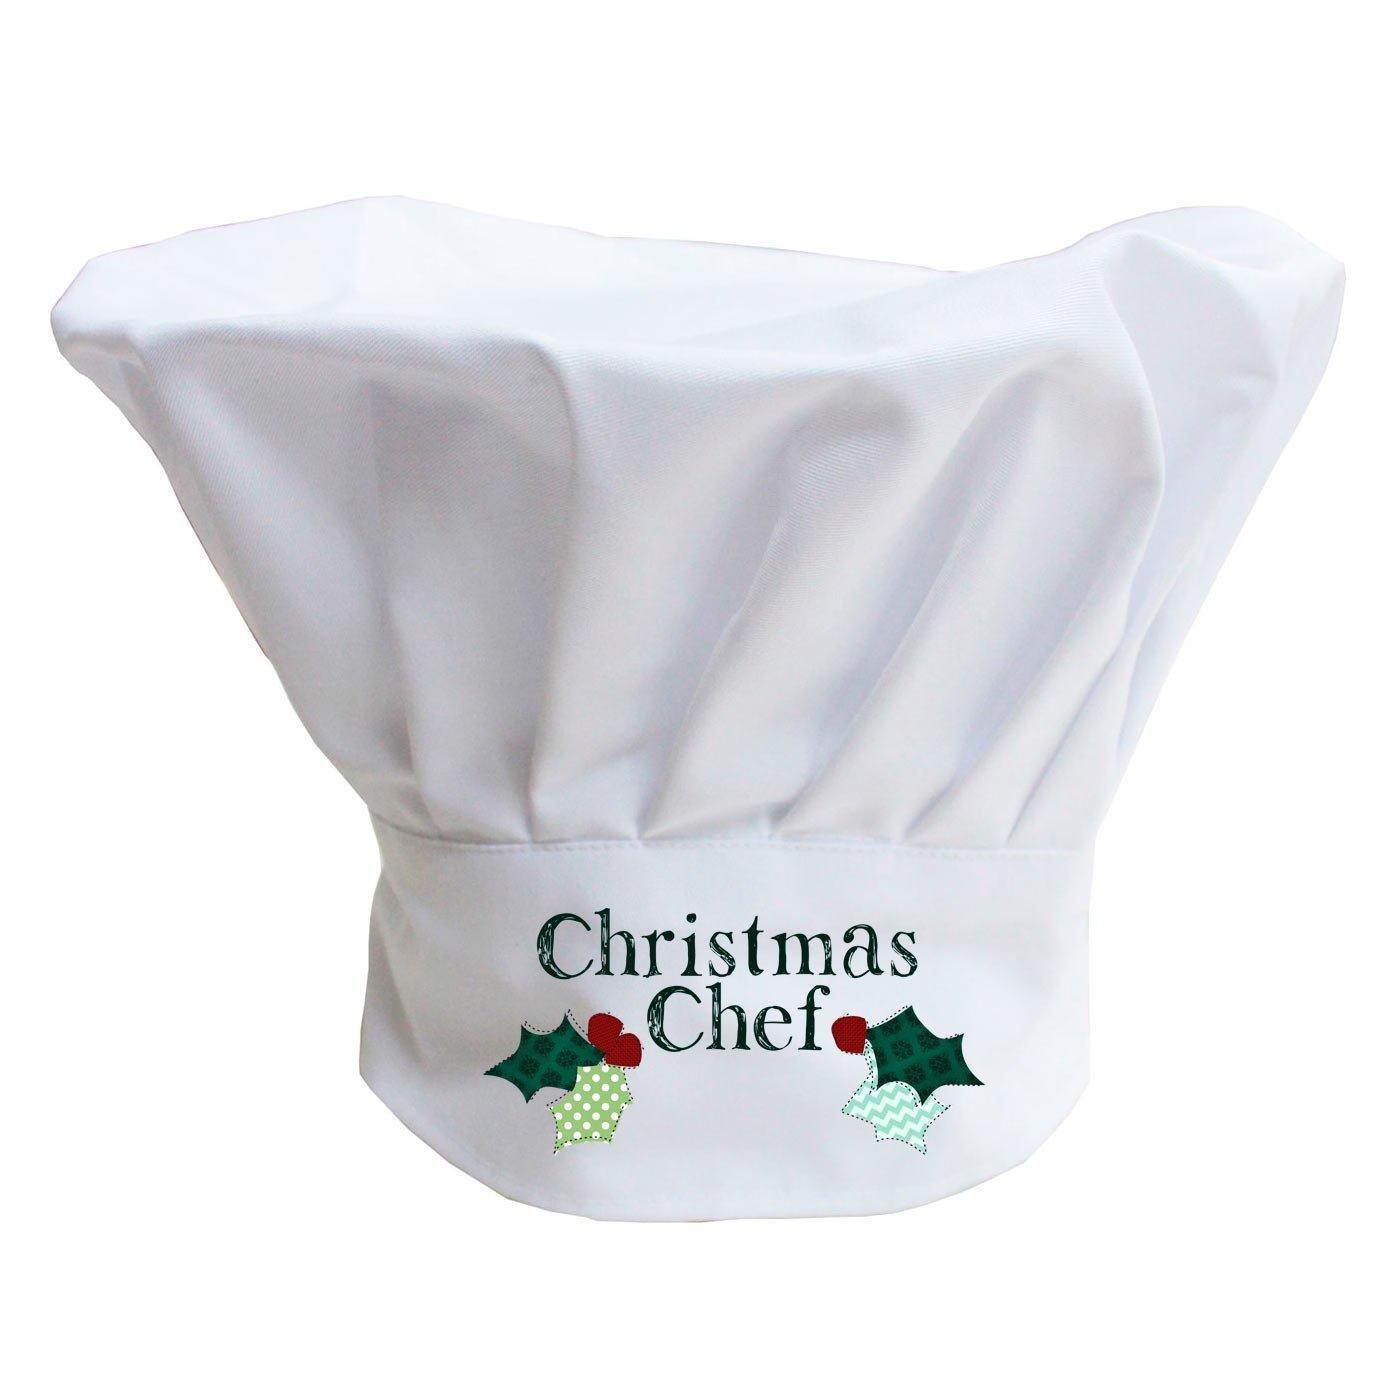 'Christmas Chef', cappello da chef, regalo di Natale per uomini, donne e bambini Cookify